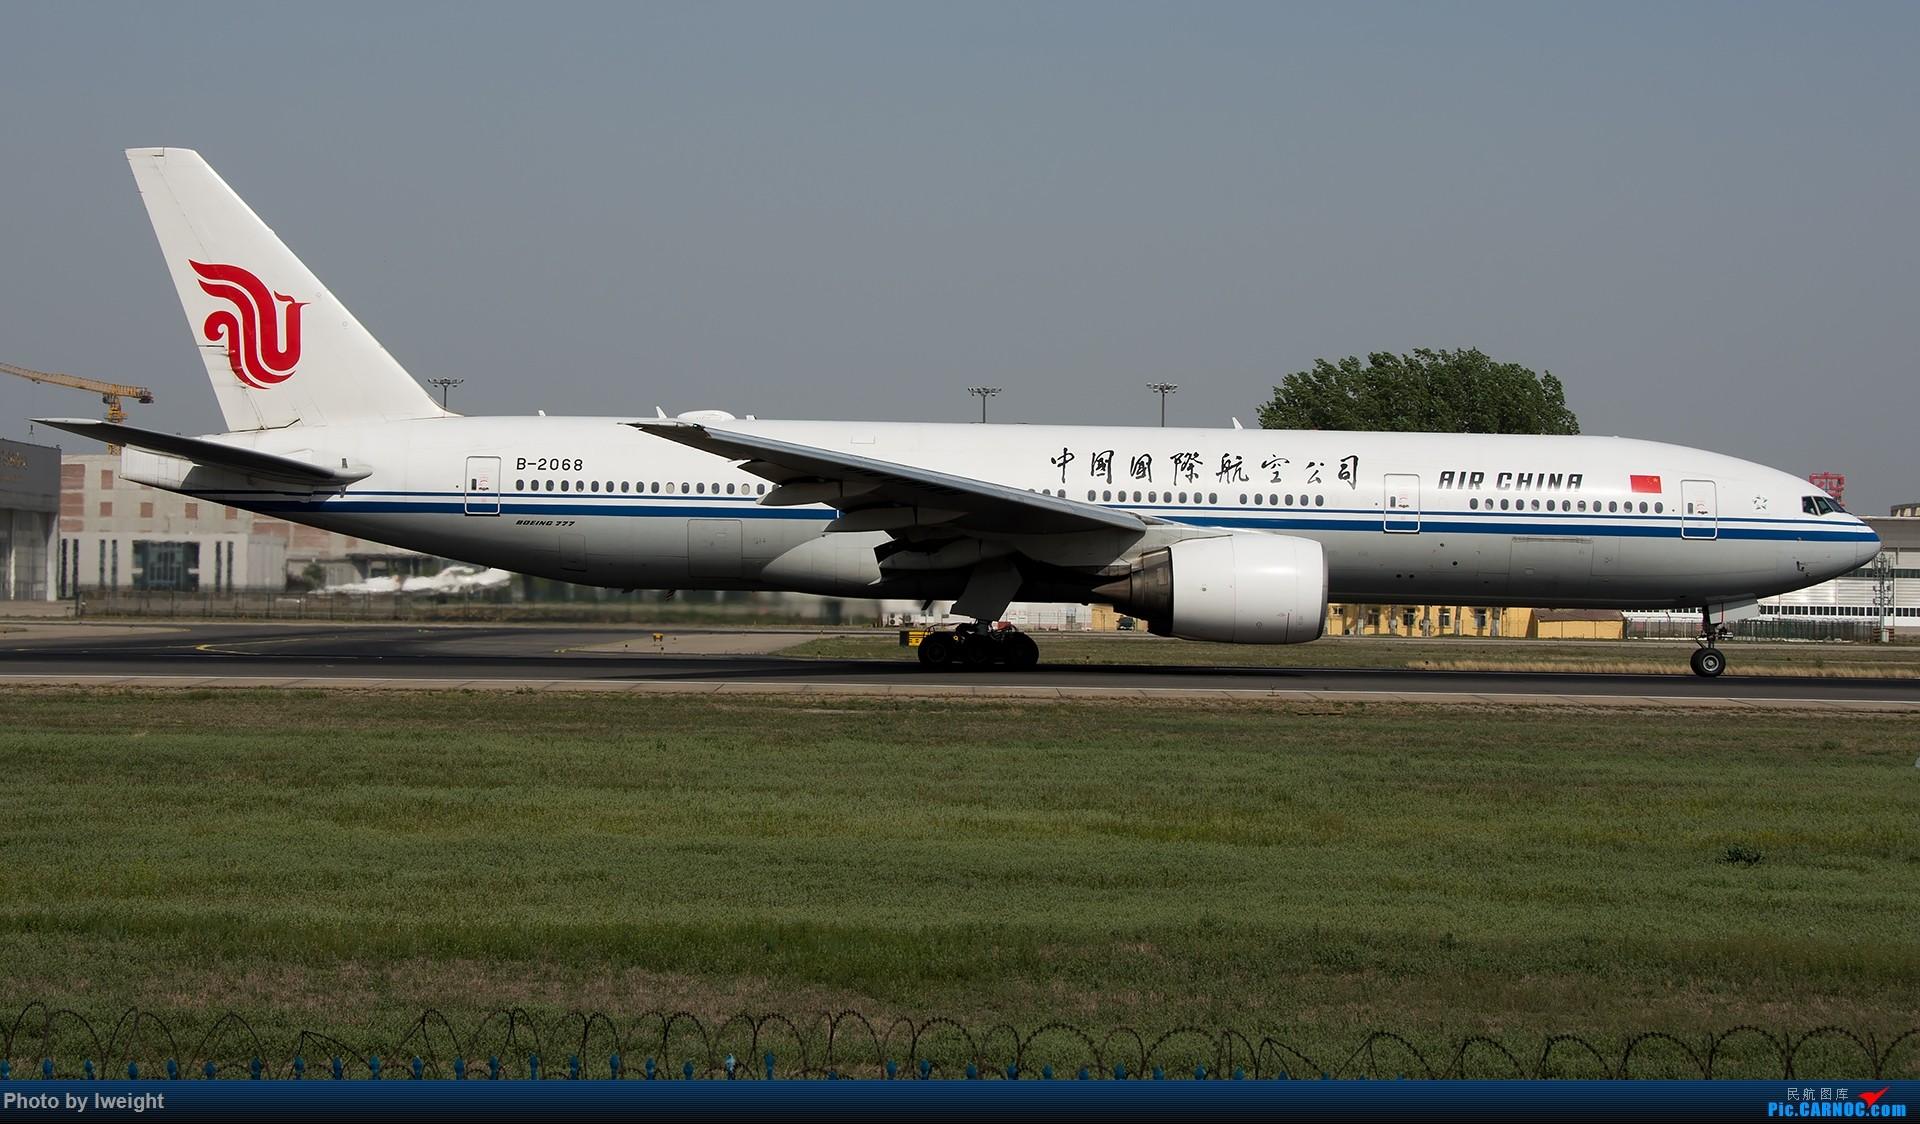 Re:[原创]天气晴朗,继续守候18R【多图】 BOEING 777-200 B-2068 中国北京首都国际机场